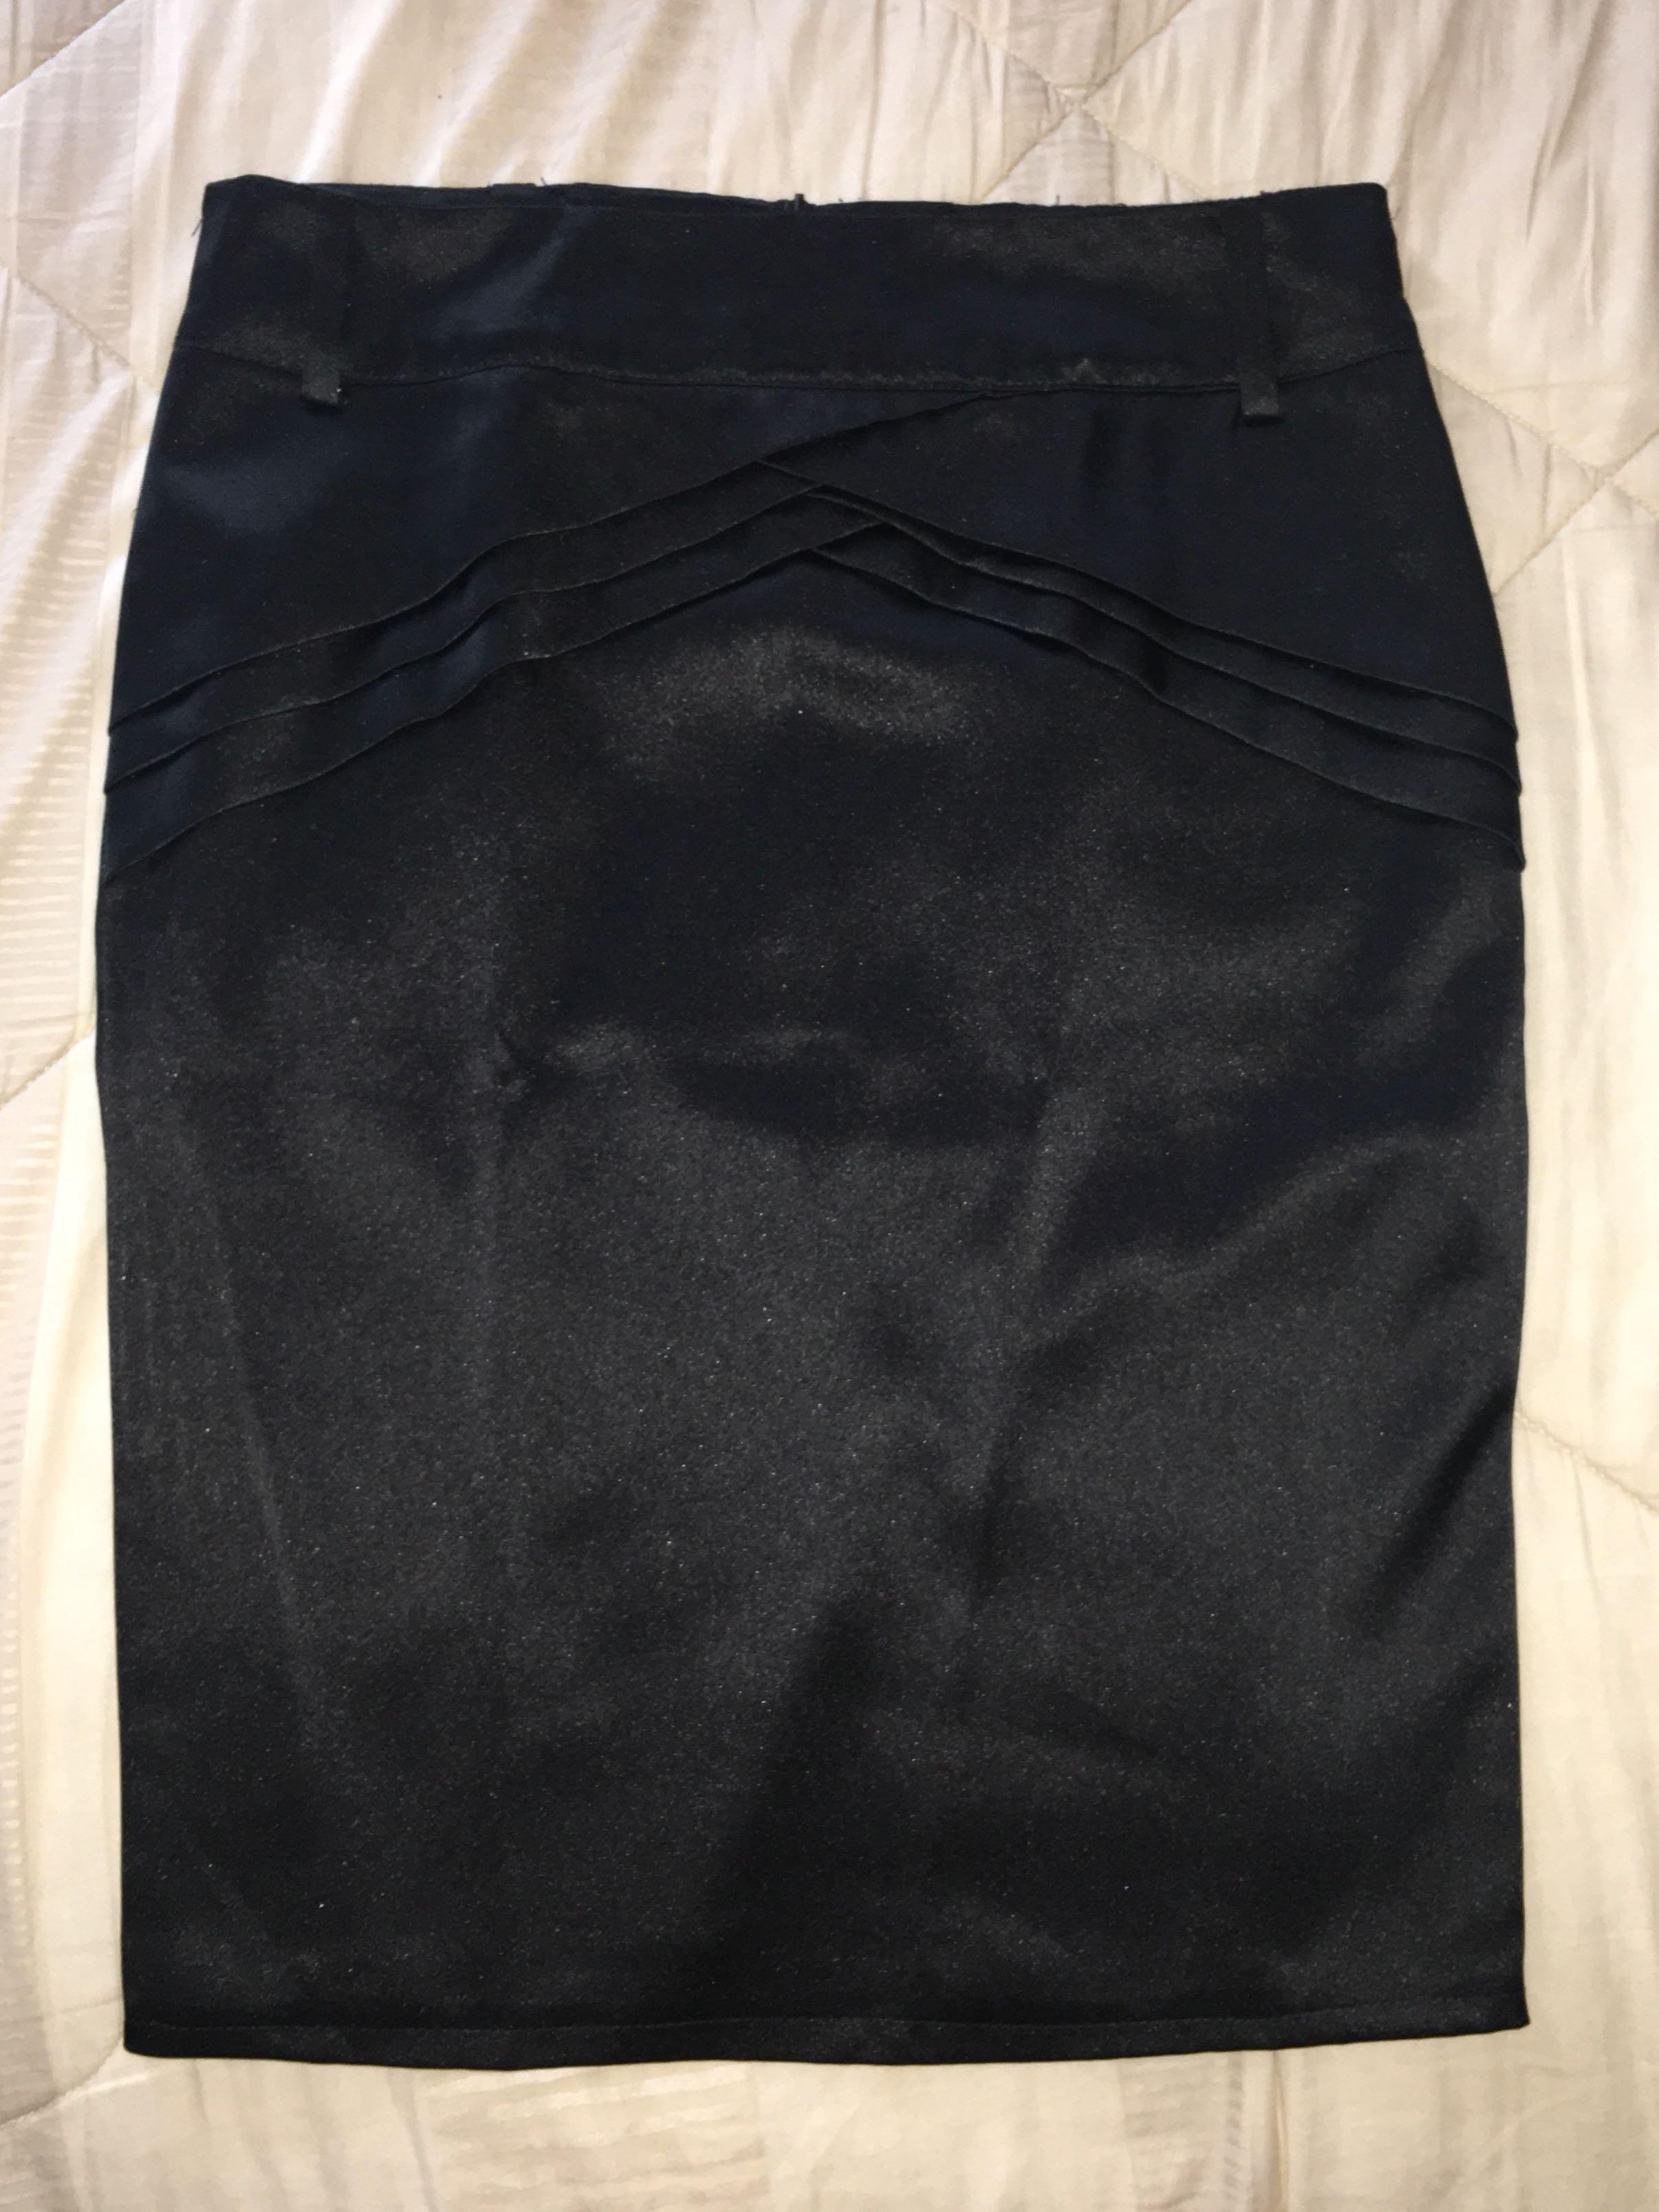 Black skirt satin